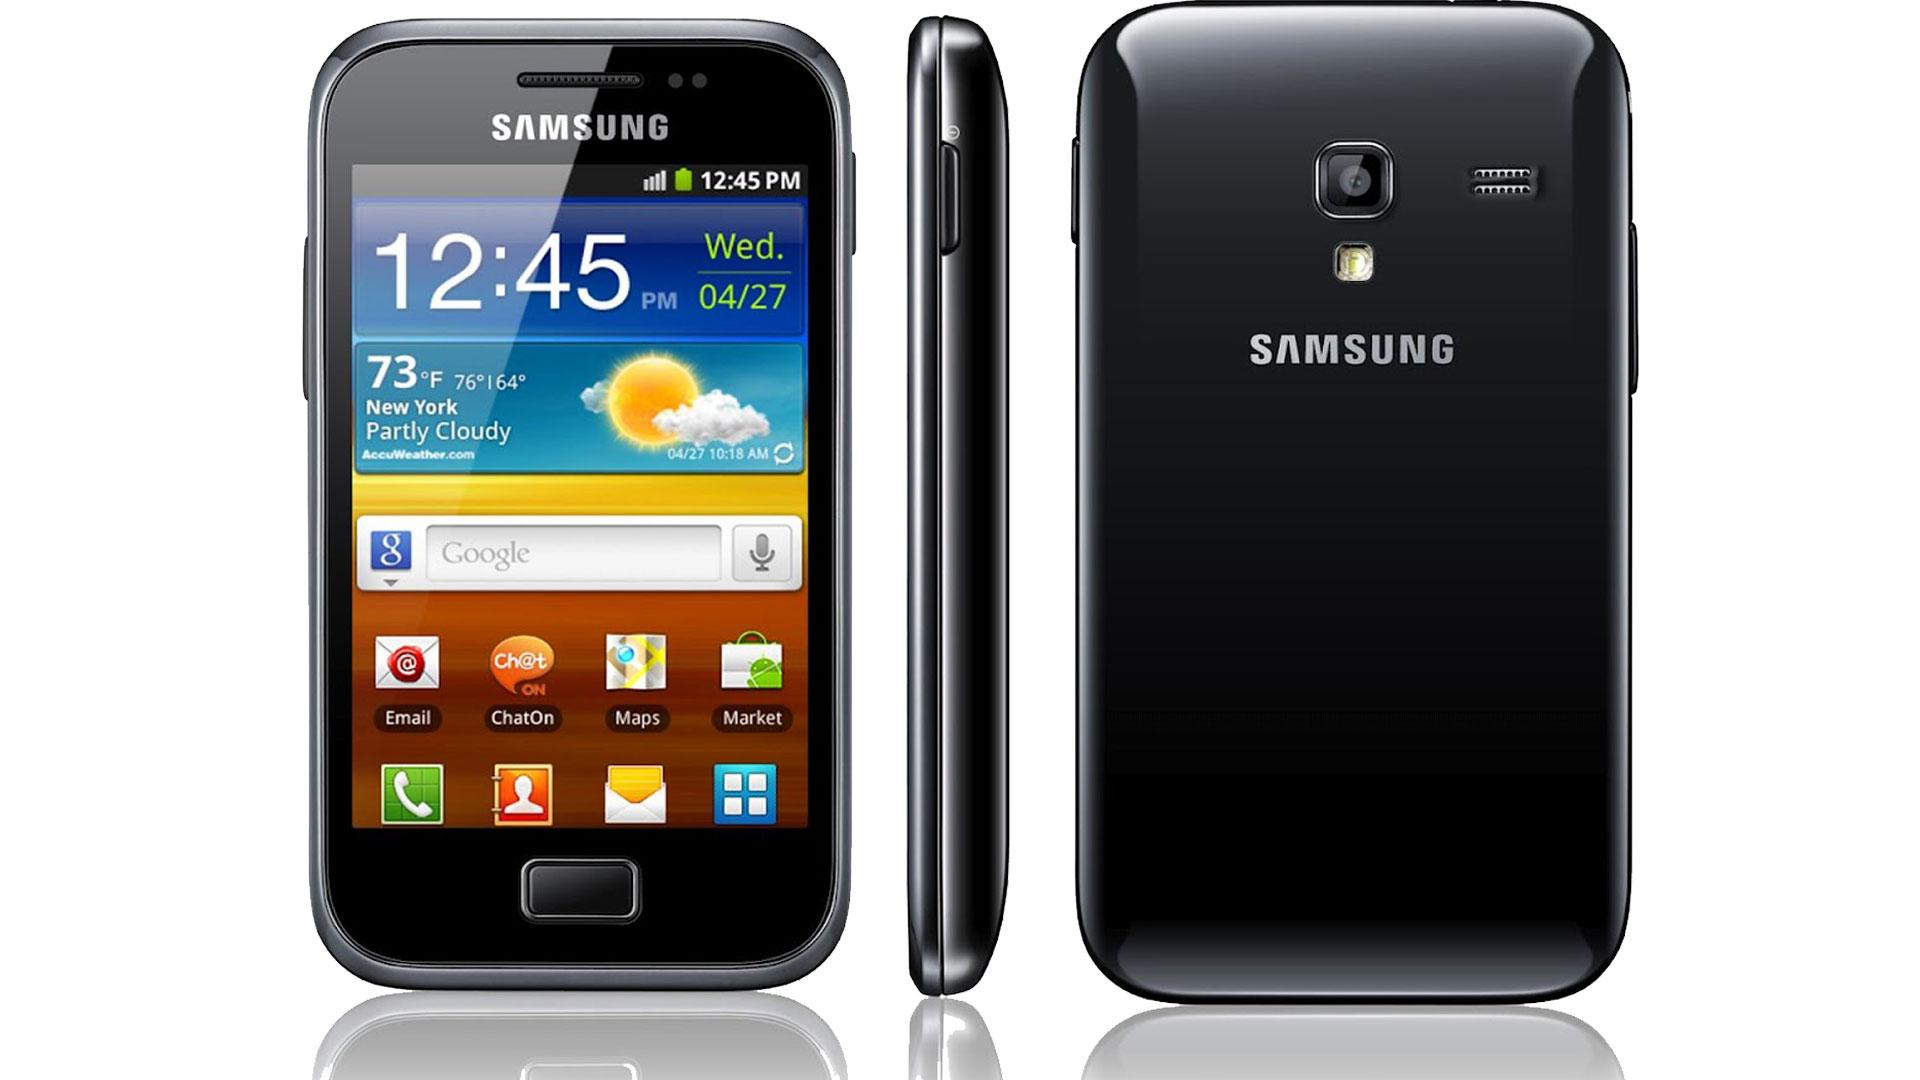 Thay màn hình, thay mặt kính SamSung Galaxy Mini 2 (S6500)